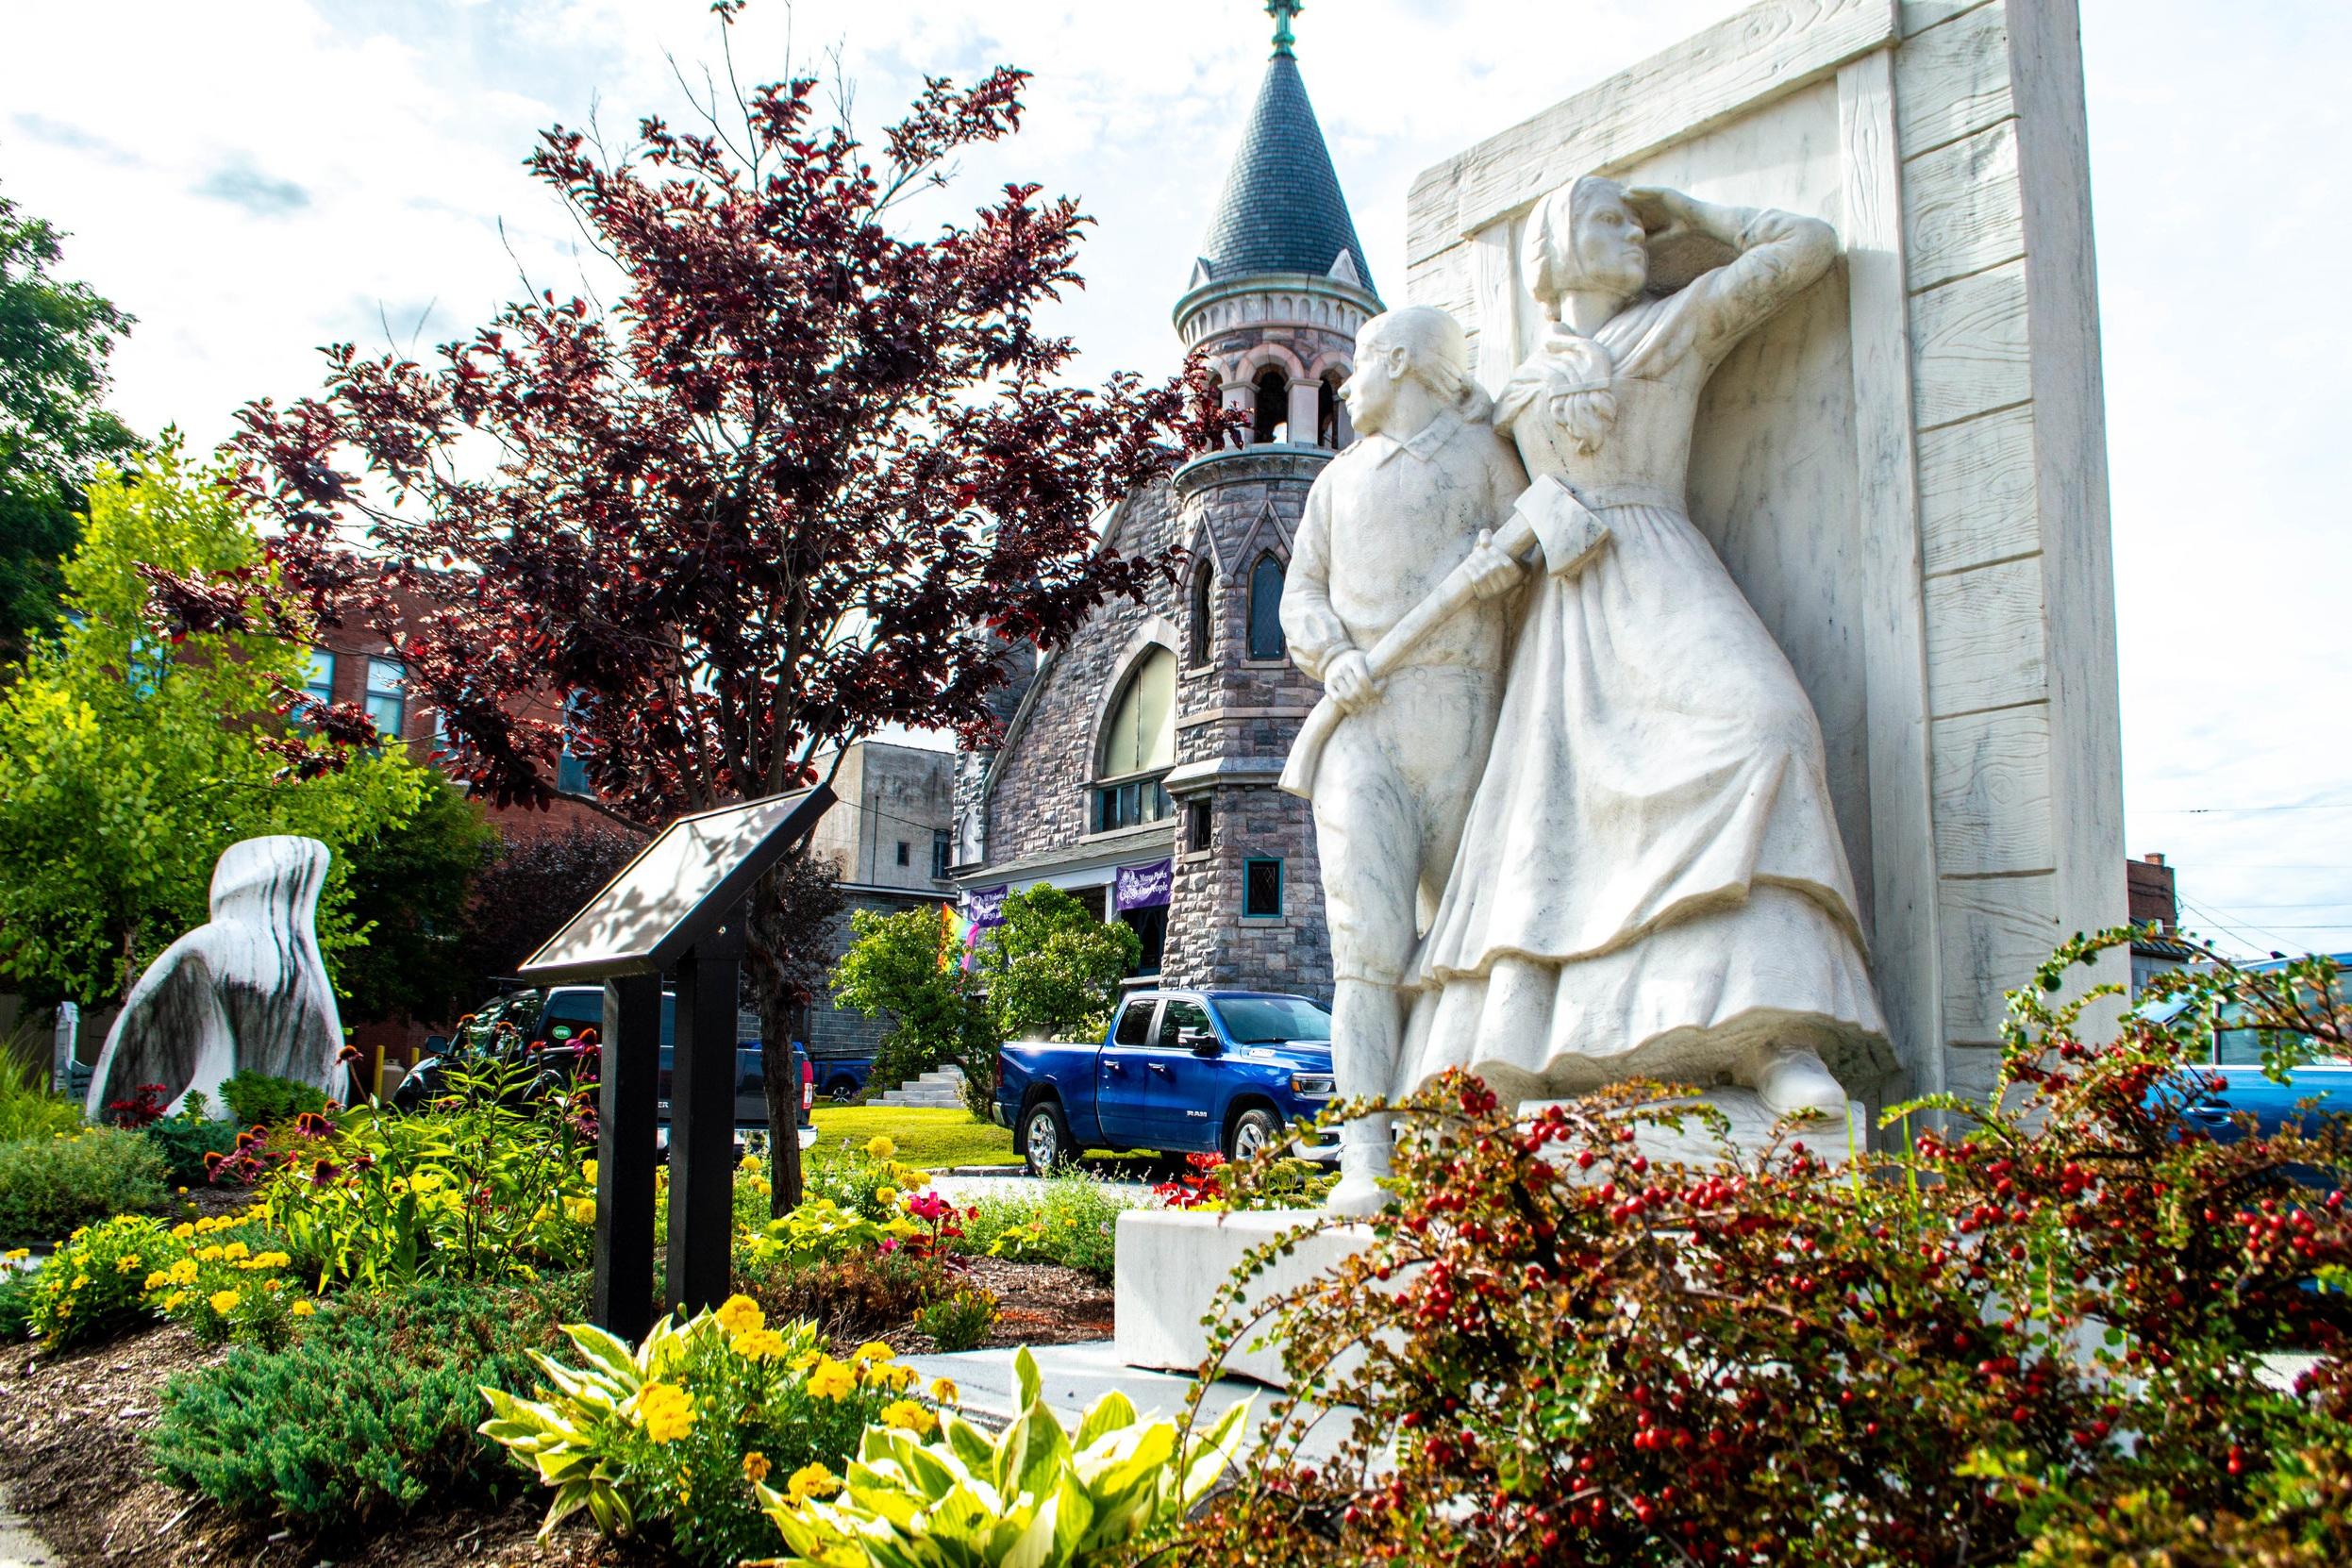 The West Street Pocket Garden in Downtown Rutland, Vermont.